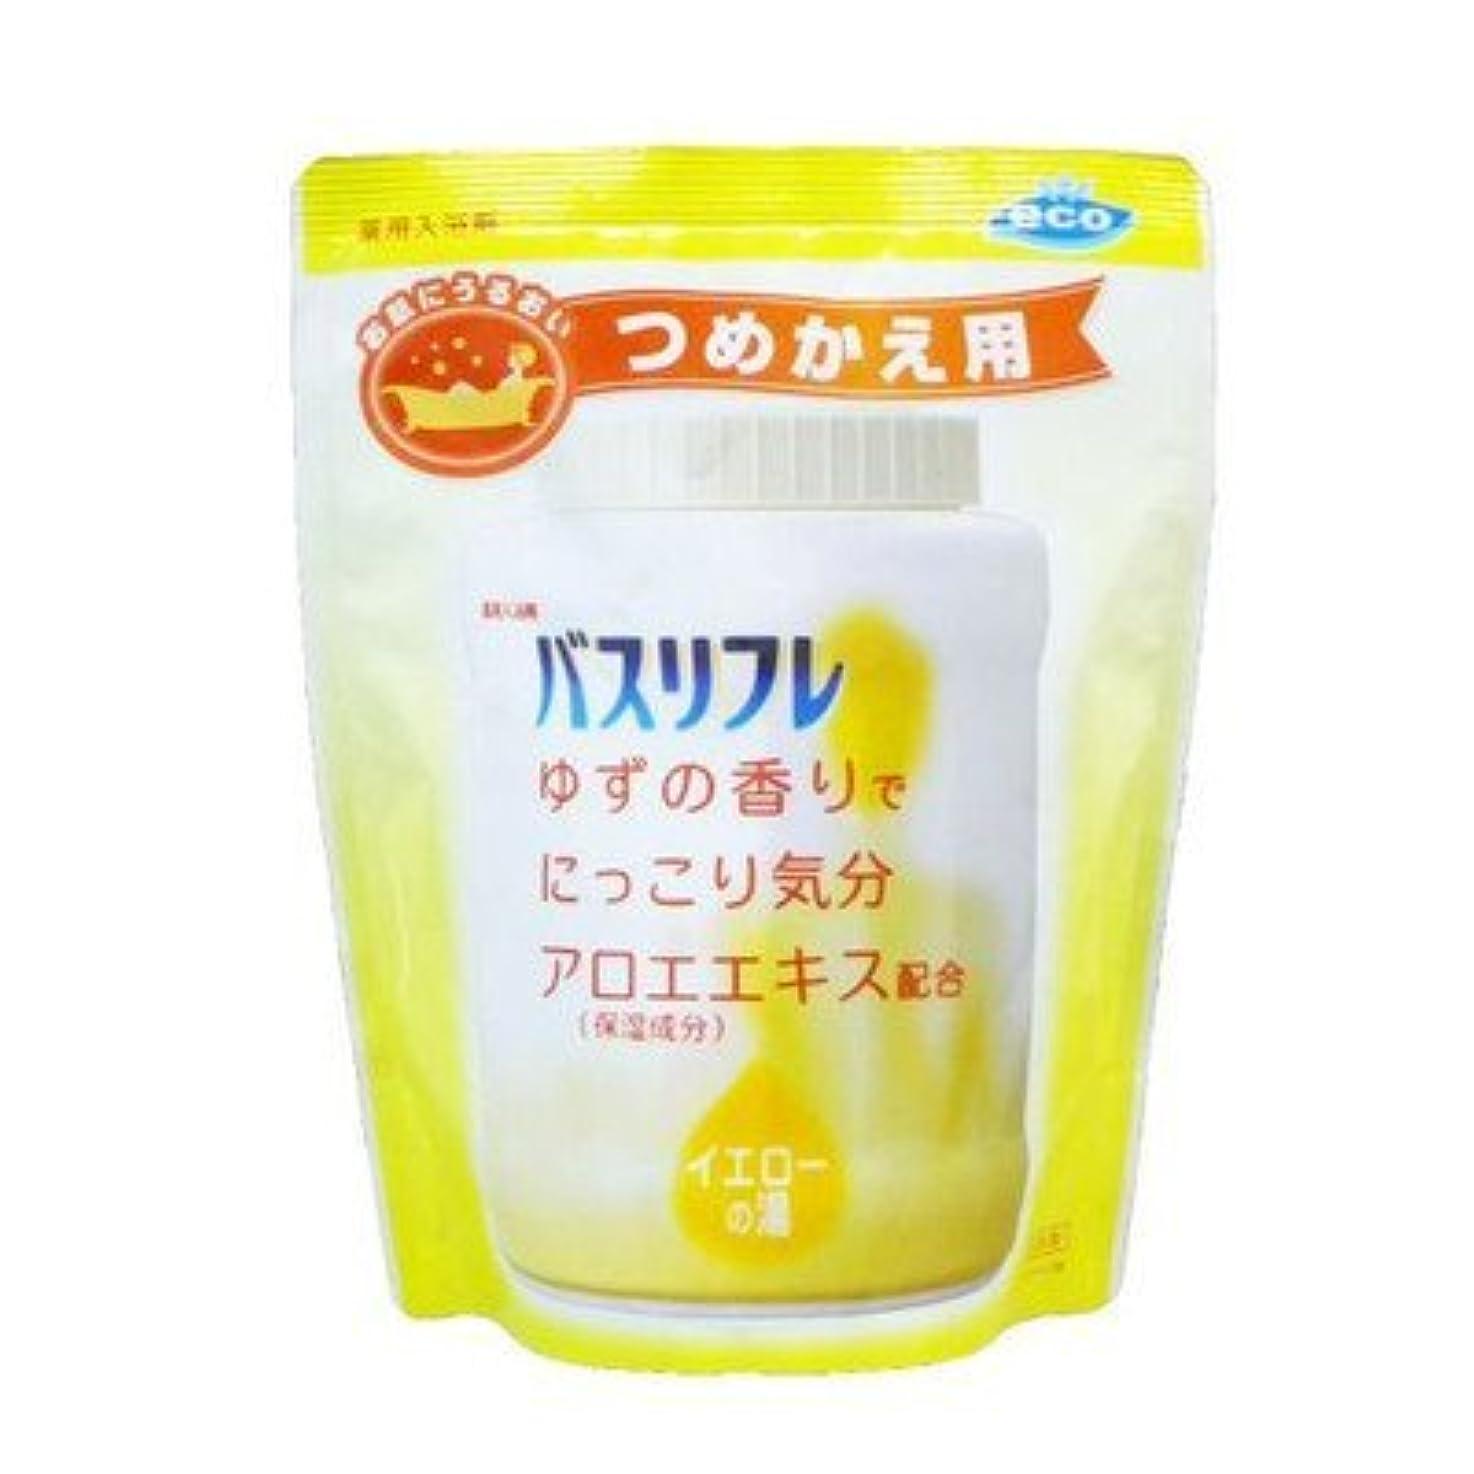 不屈衣服広告主薬用入浴剤 バスリフレ イエローの湯 つめかえ用 540g ゆずの香り (ライオンケミカル) Japan